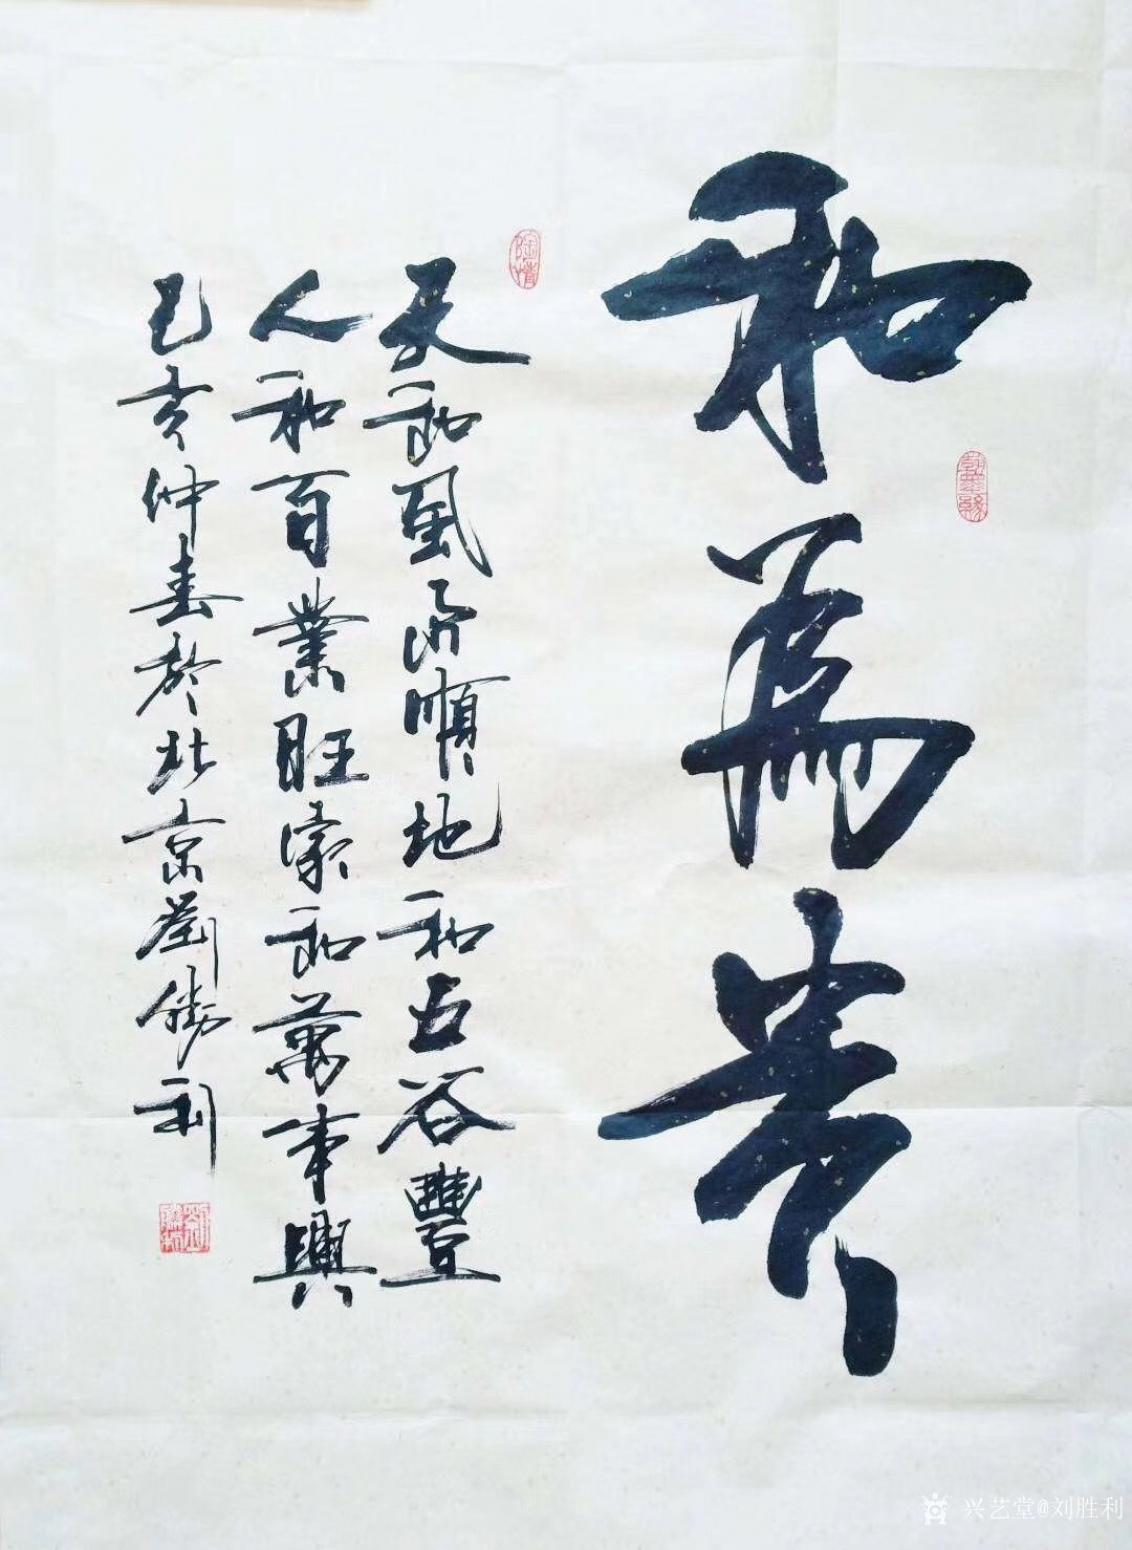 刘胜利书法作品《行书-和为贵》